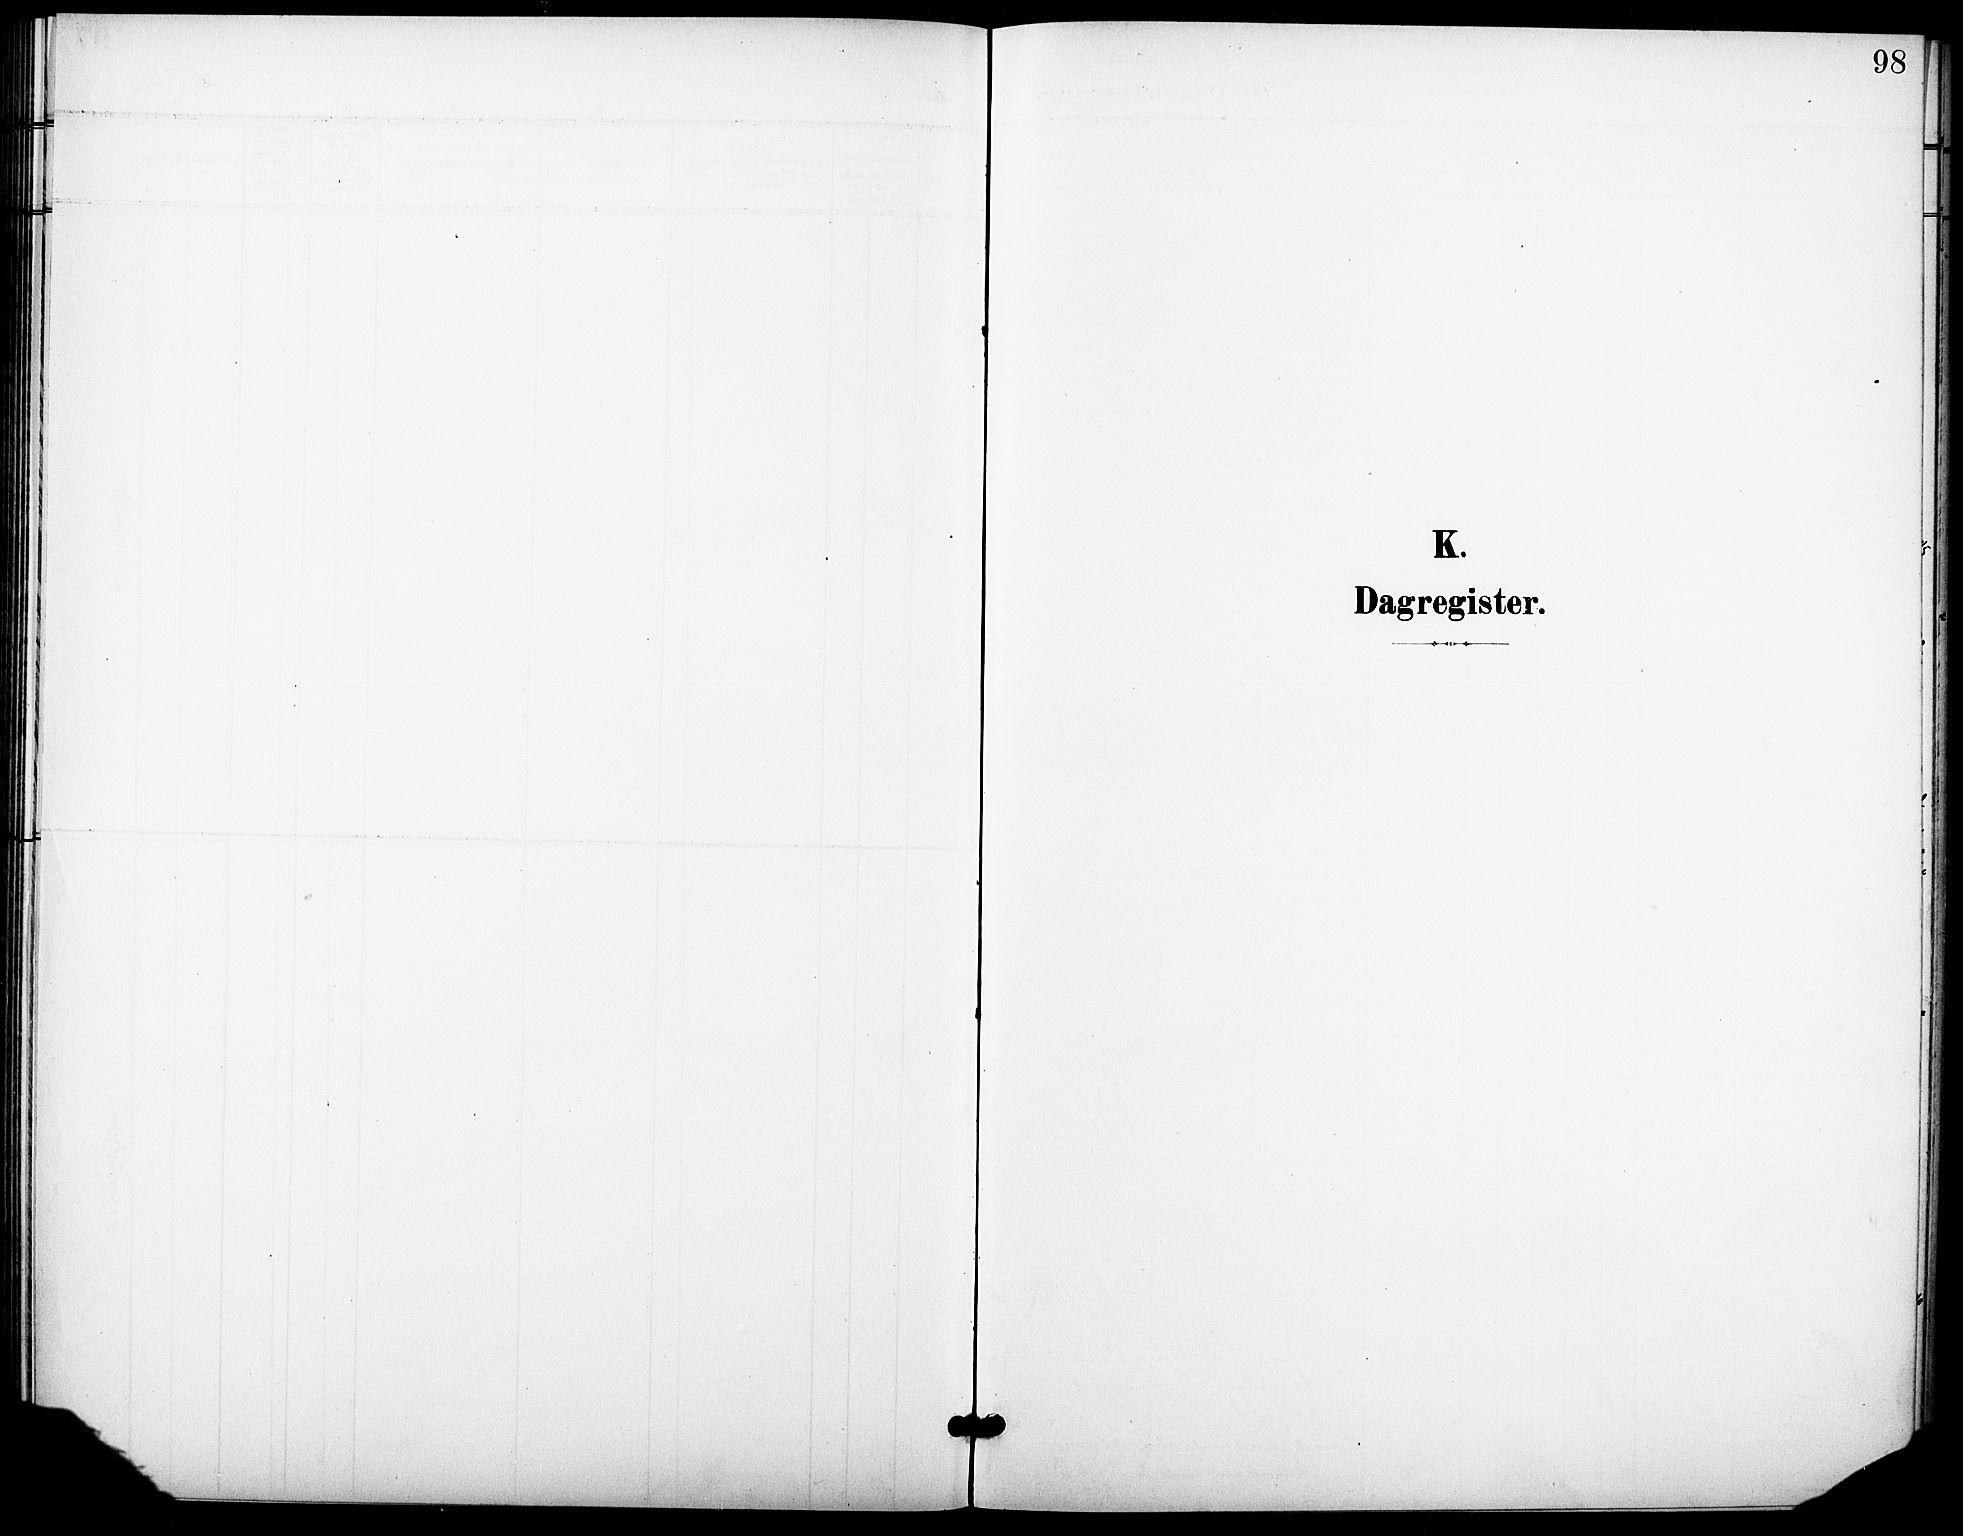 SAO, Krohgstøtten sykehusprest Kirkebøker, F/Fa/L0004: Ministerialbok nr. 4, 1900-1935, s. 98